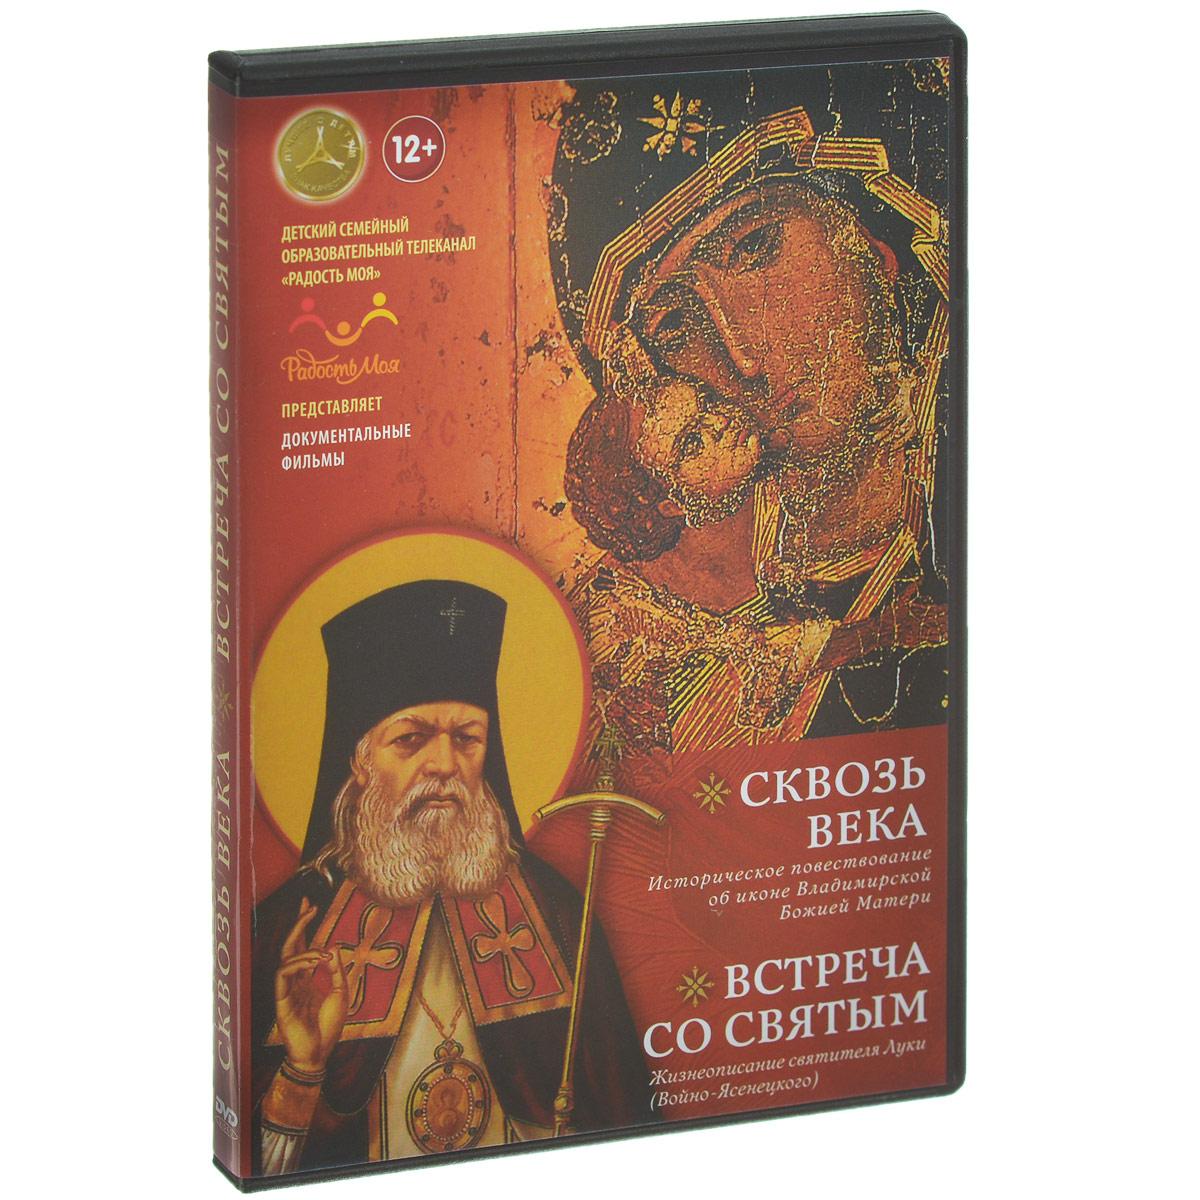 Сквозь века:Владимирская - самая древняя, самая известная, самая почитаемая, но и самая загадочная из икон Божией Матери. Часть её секретов